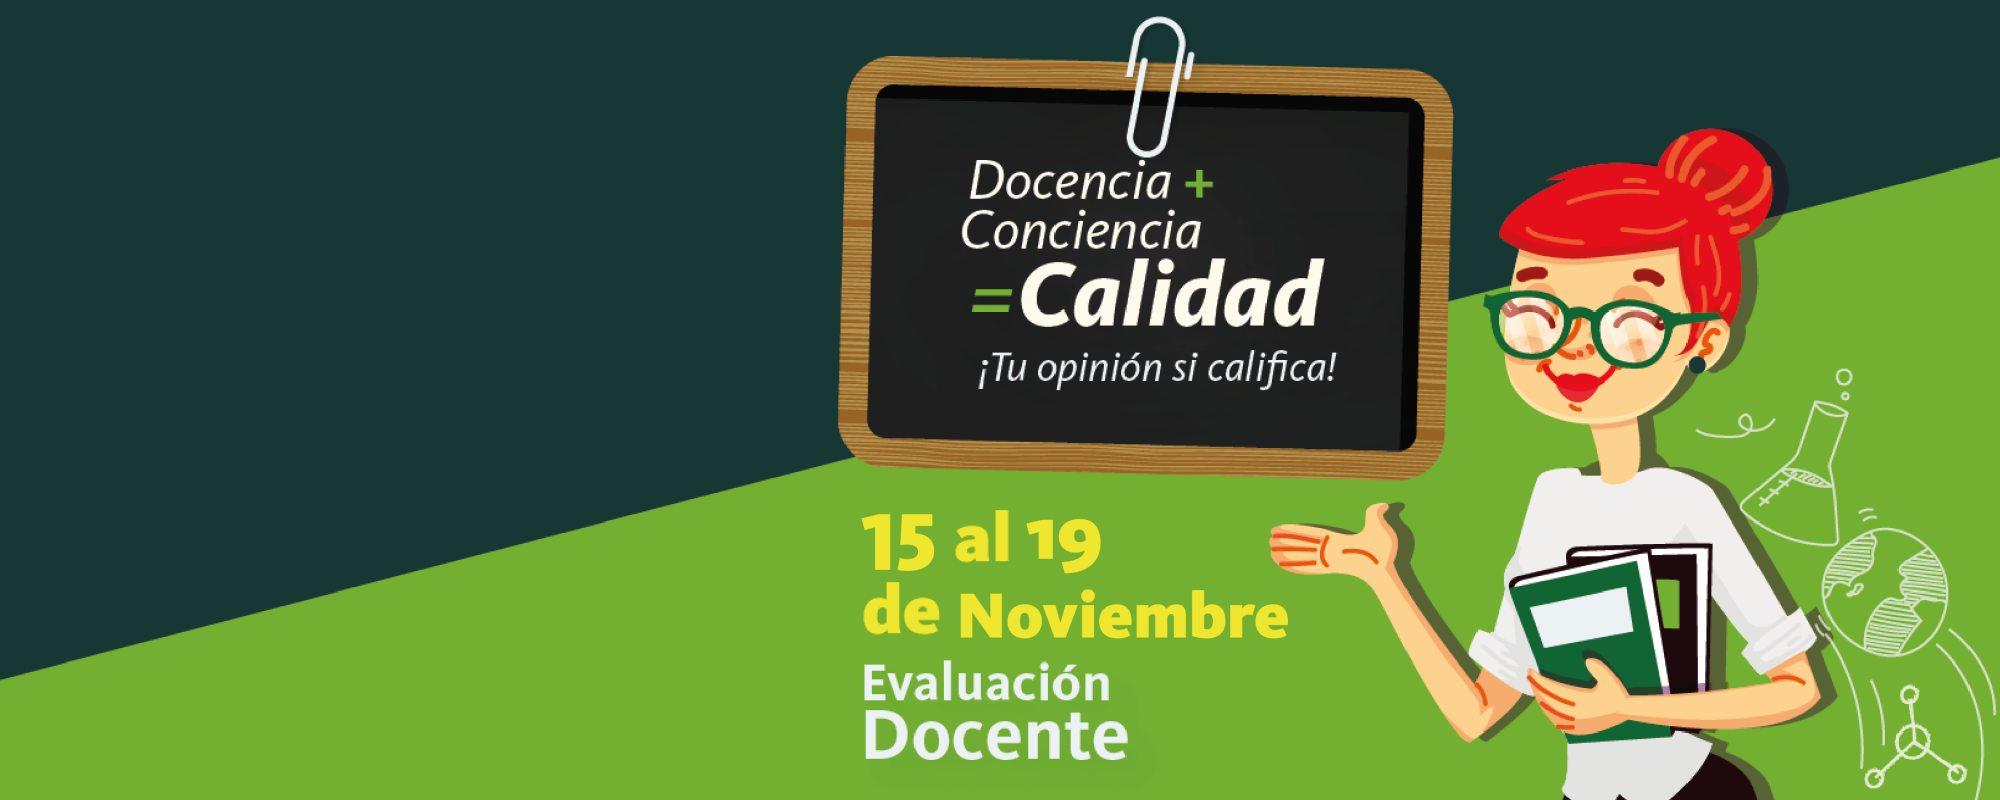 Evaluación docente – Estudiantes y docentes de pregrado – 15 al 19 de noviembre de 2018